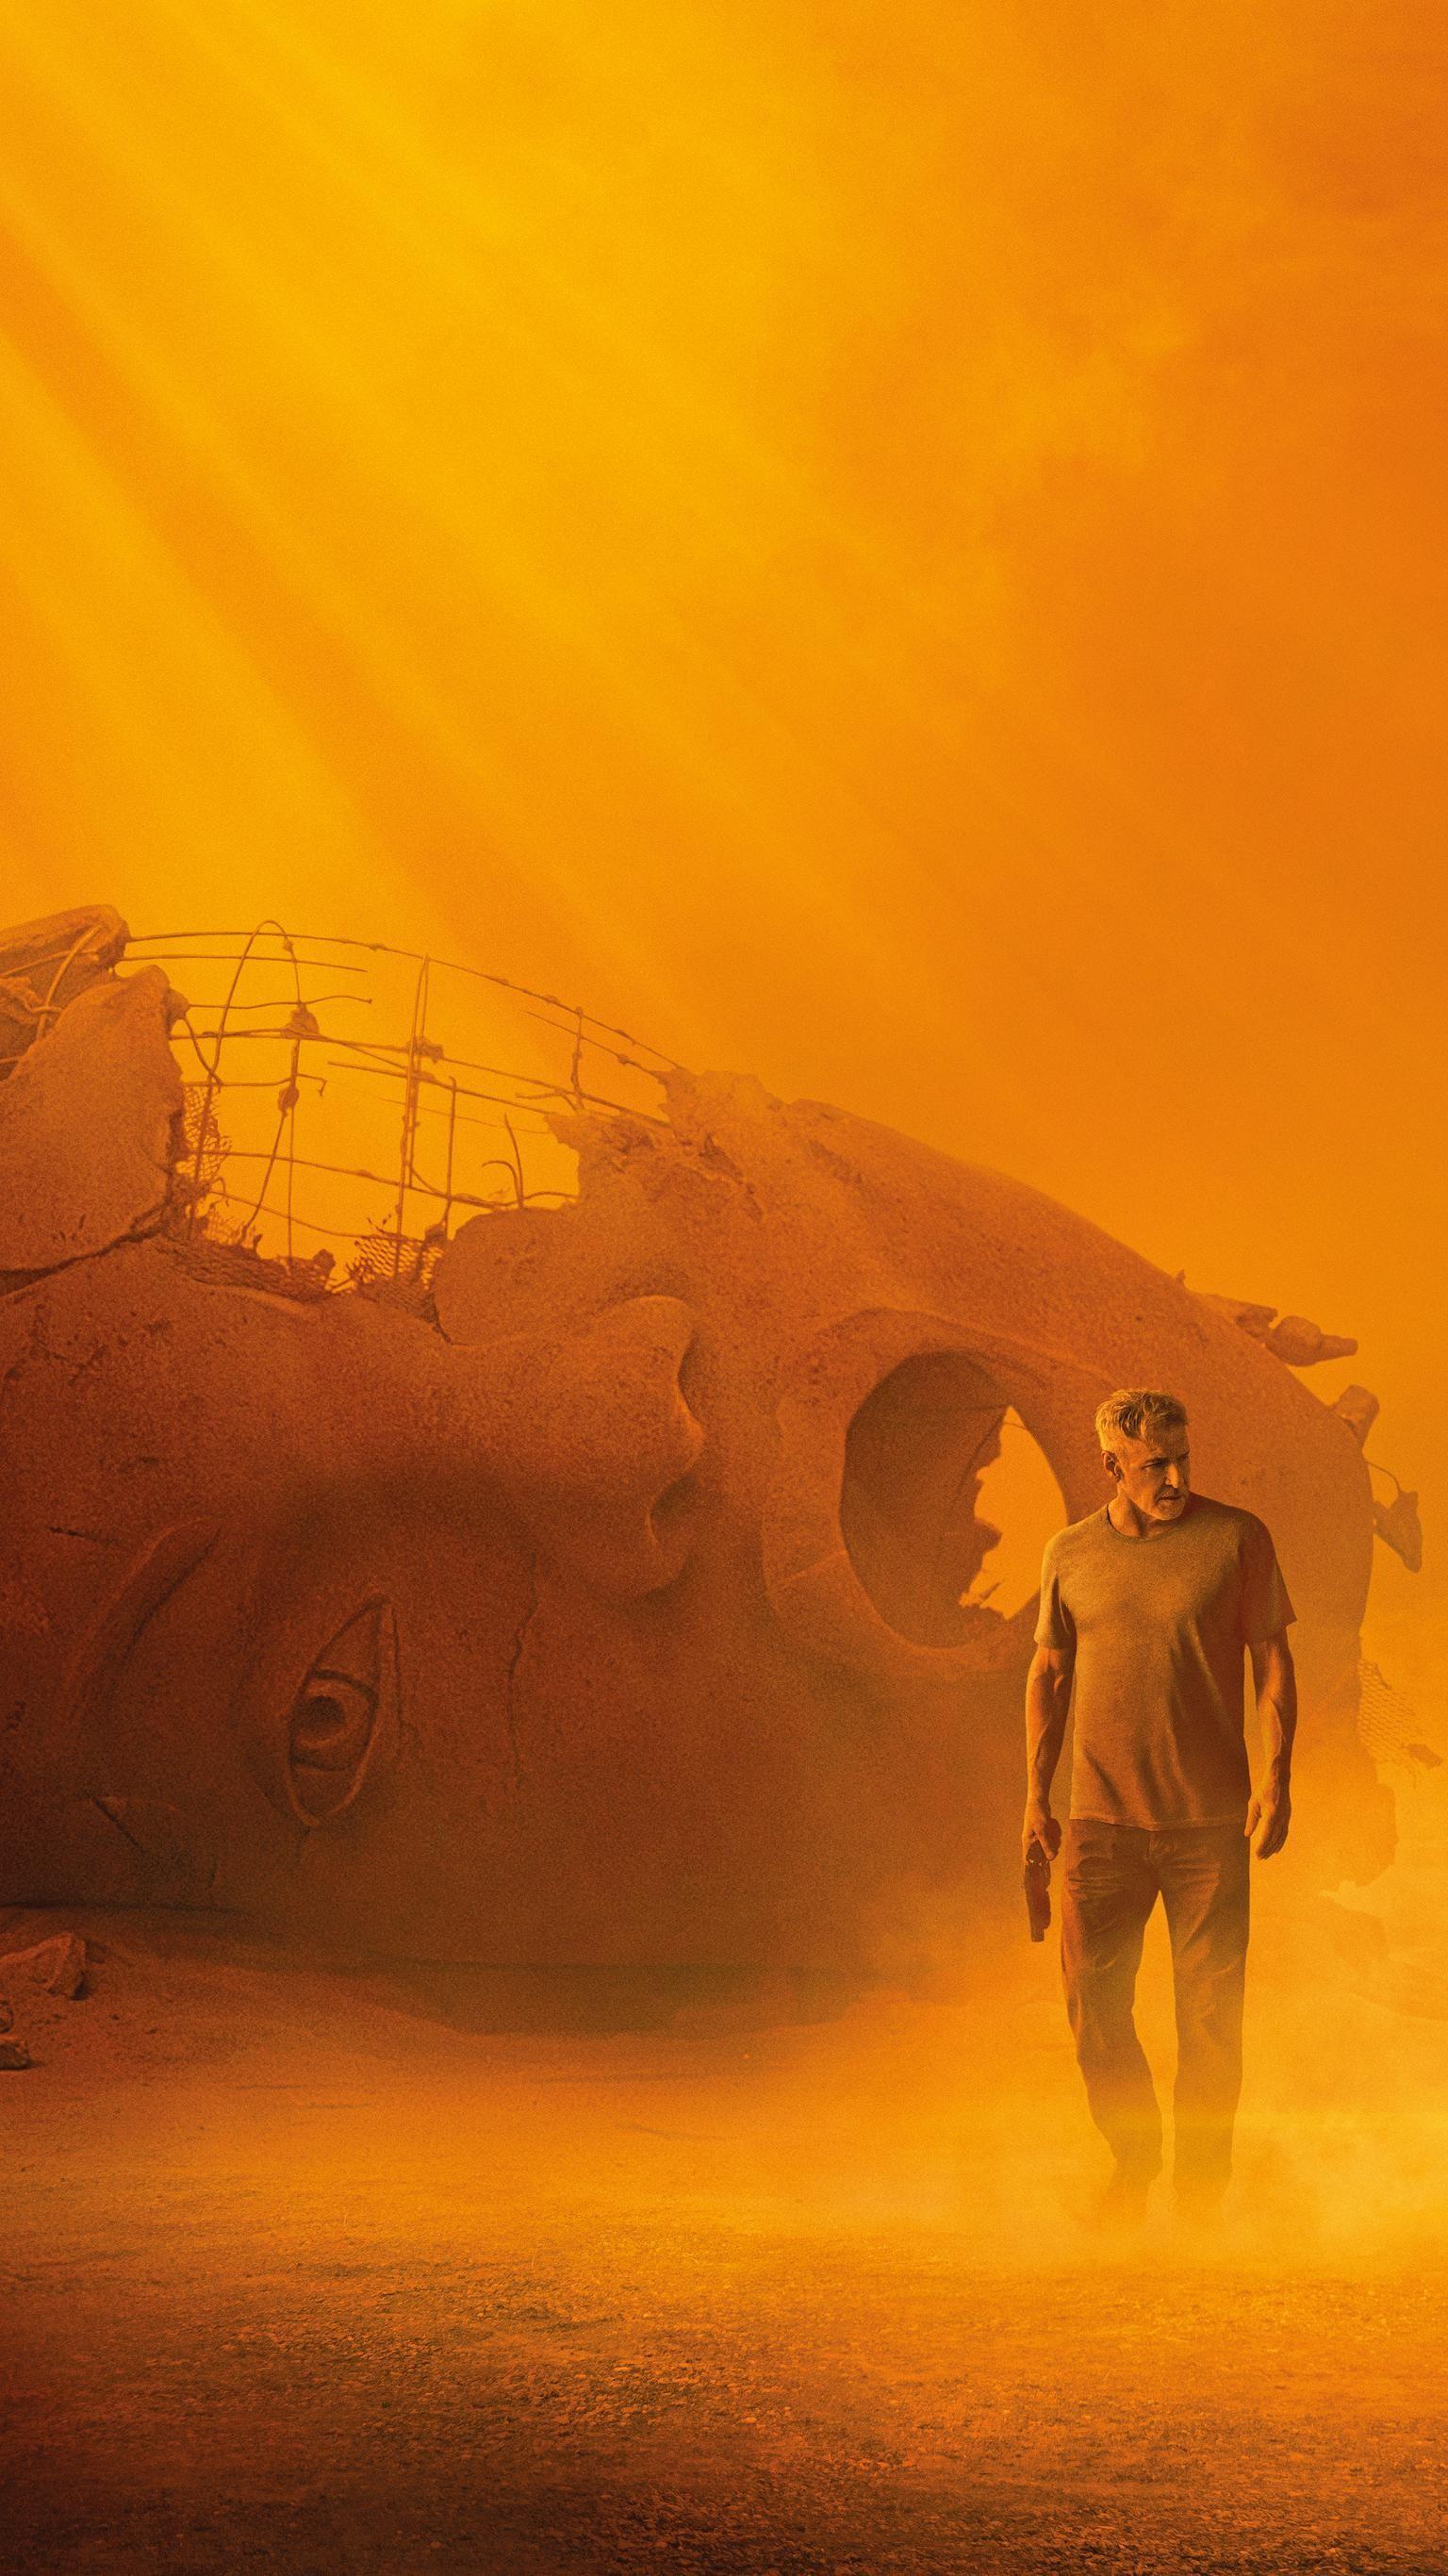 Blade Runner 2049 2017 Phone Wallpaper In 2020 Blade Runner